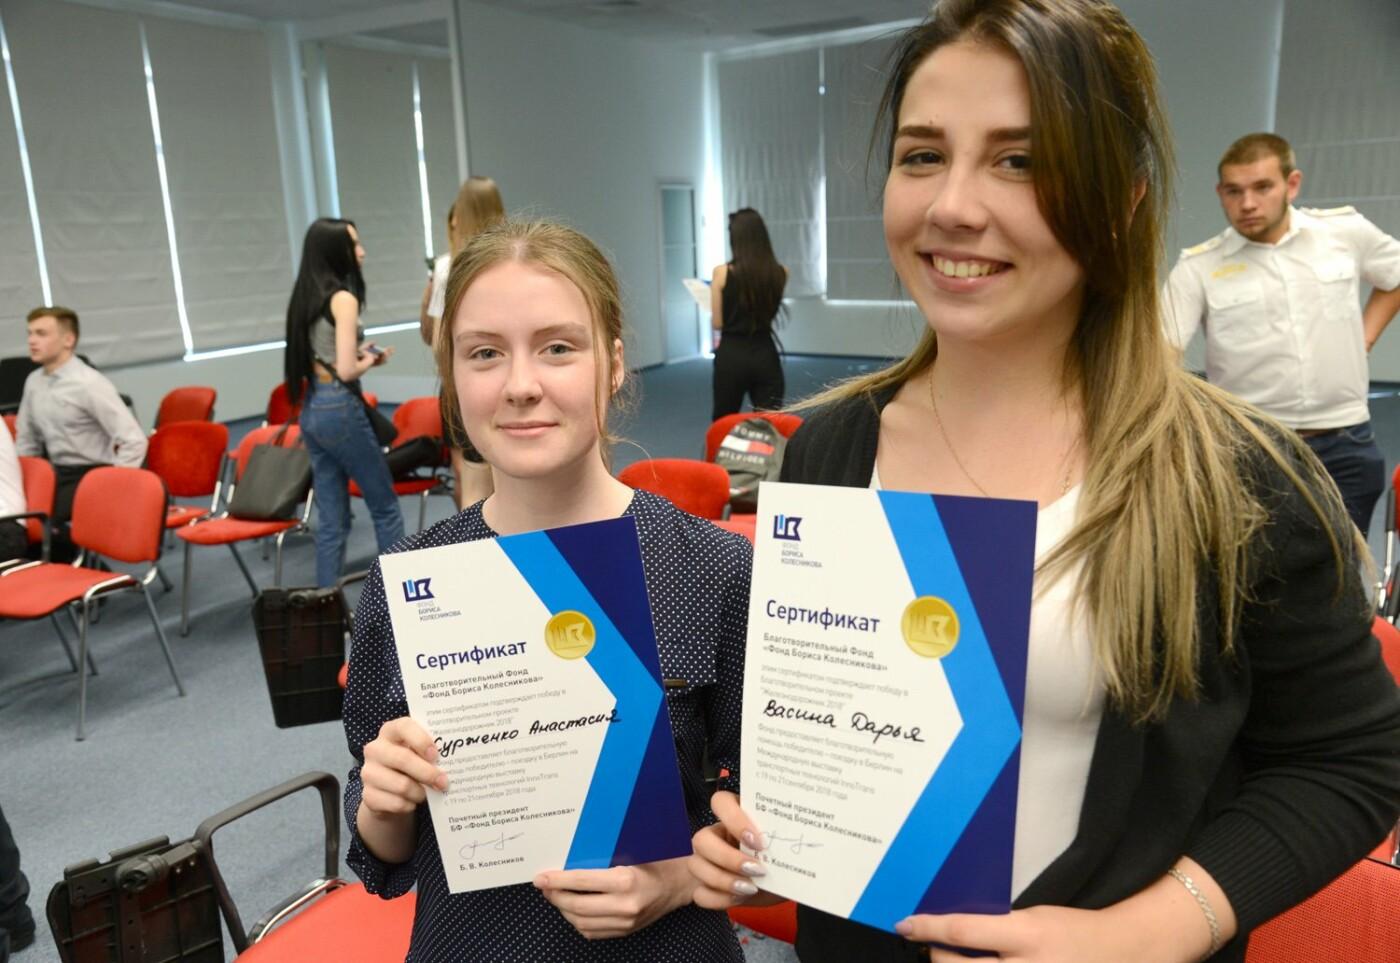 Студенты из Винницы выиграли поездку на престижную выставку в Европу , фото-3